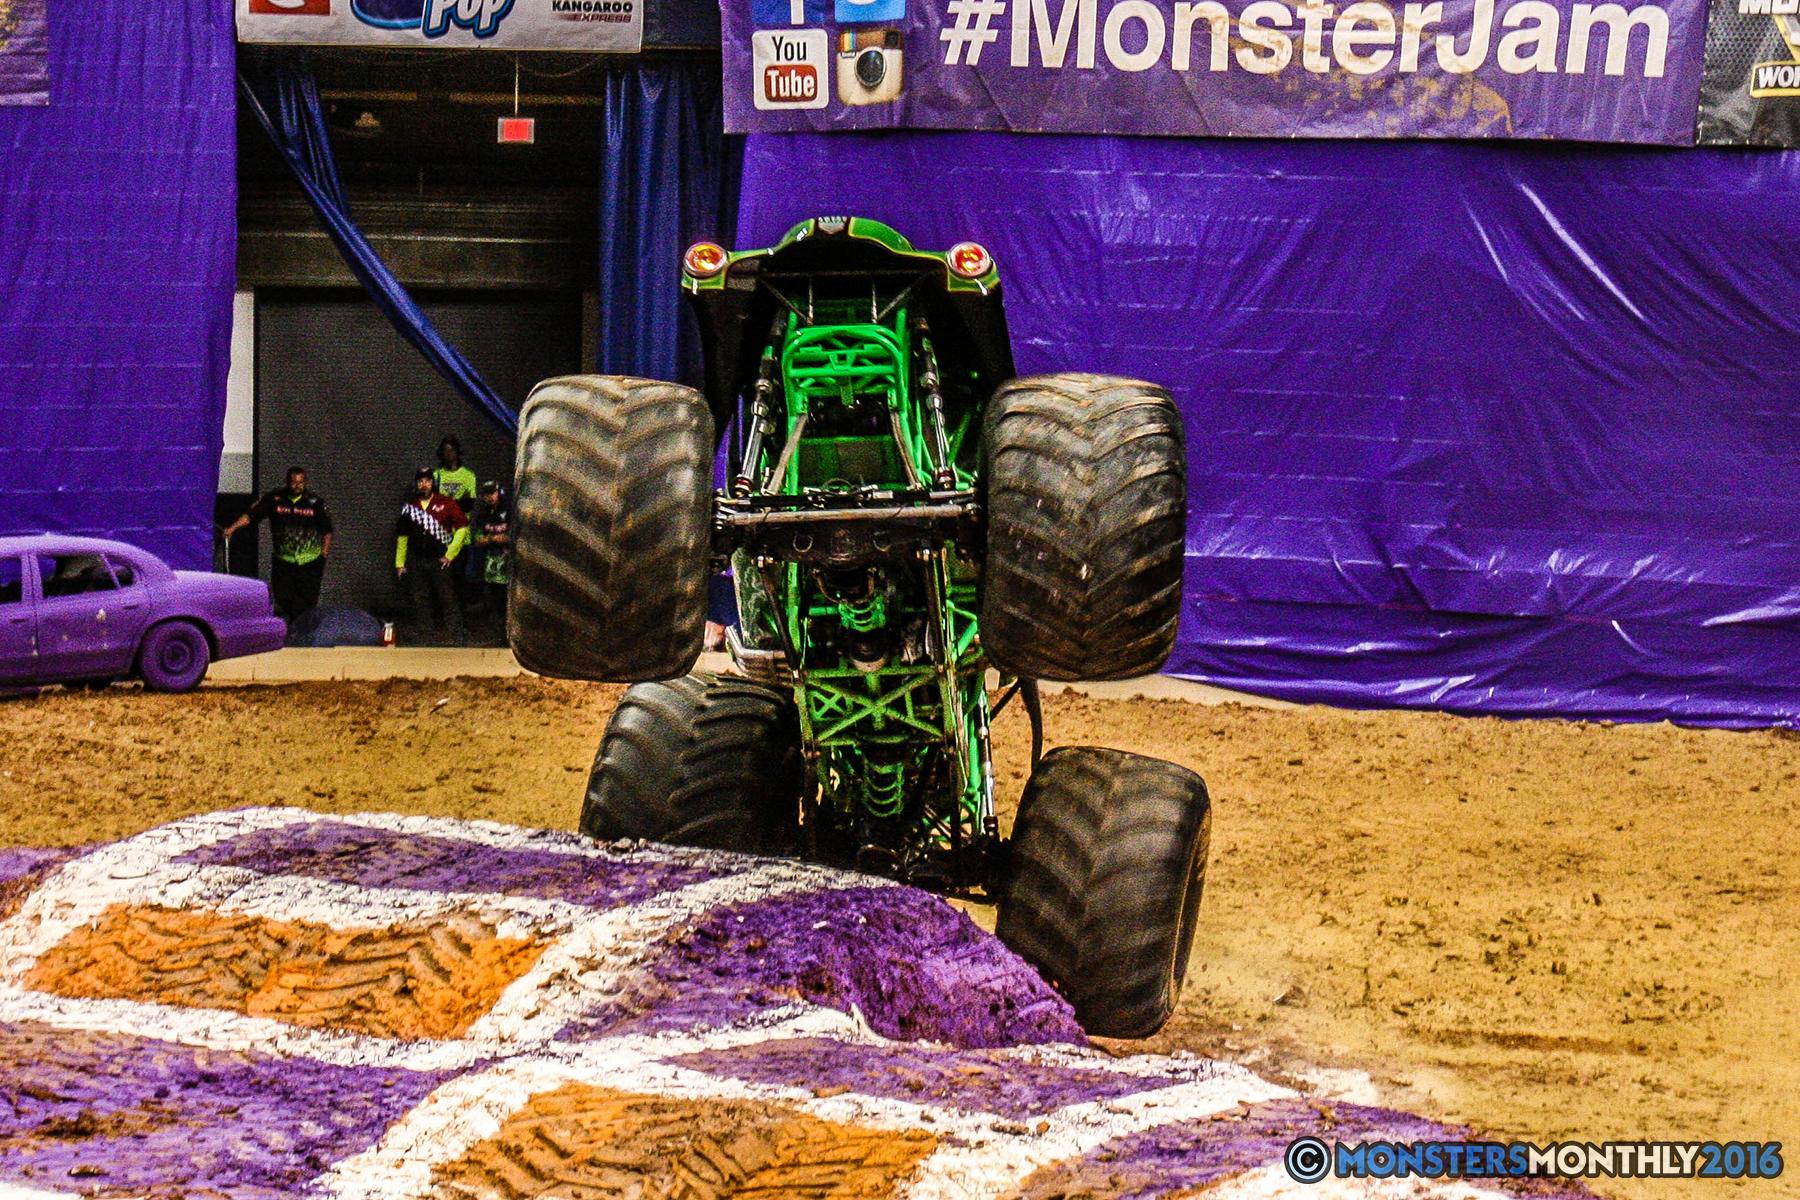 08-monster-jam-utc-mckenzie-arena-chattanooga-tennessee-monstersmonthly-monster-truck-race-gravedigger-monstermutt-xtermigator-razin-kane-doomsday-captainscurse-2016.jpg